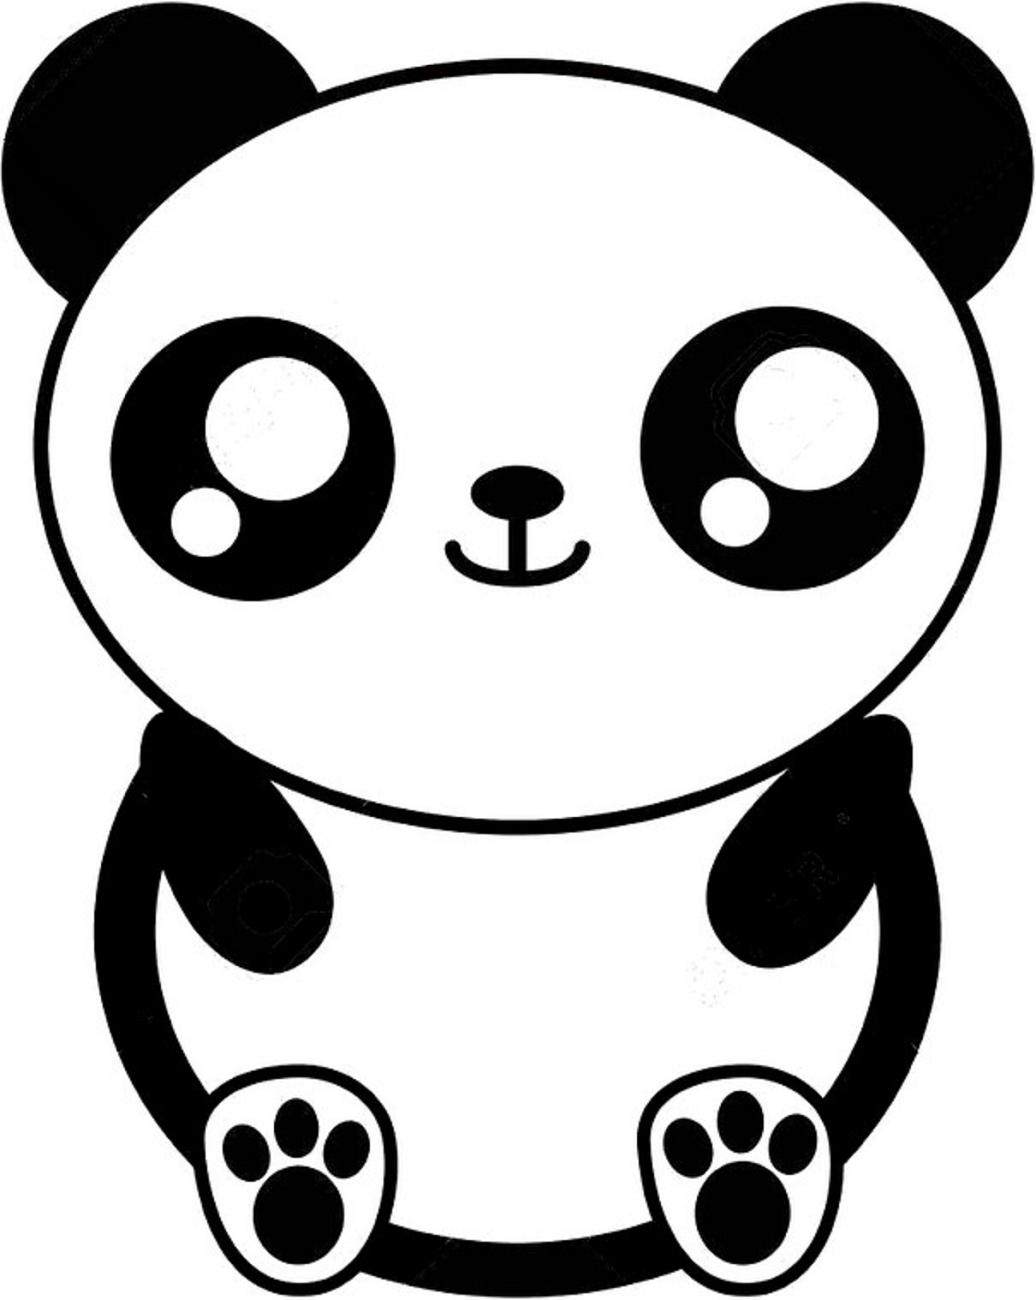 Dibujos De Oso Panda Kawaii Para Colorear Pintar E Imprimir